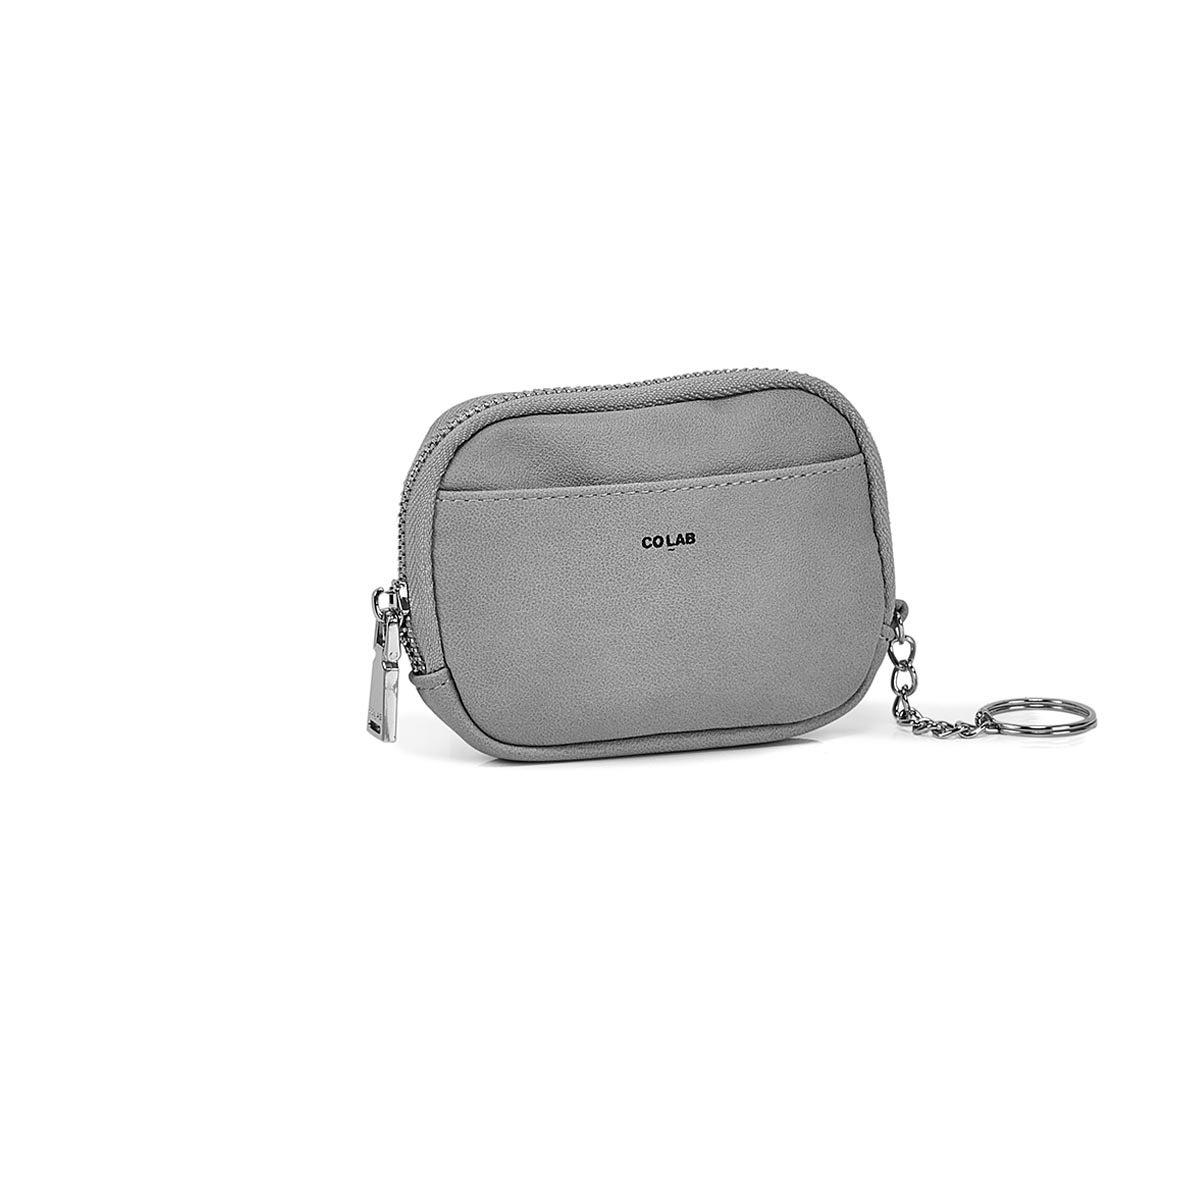 Porte-cartes/portefeuille/clés 6427, gris, femmes